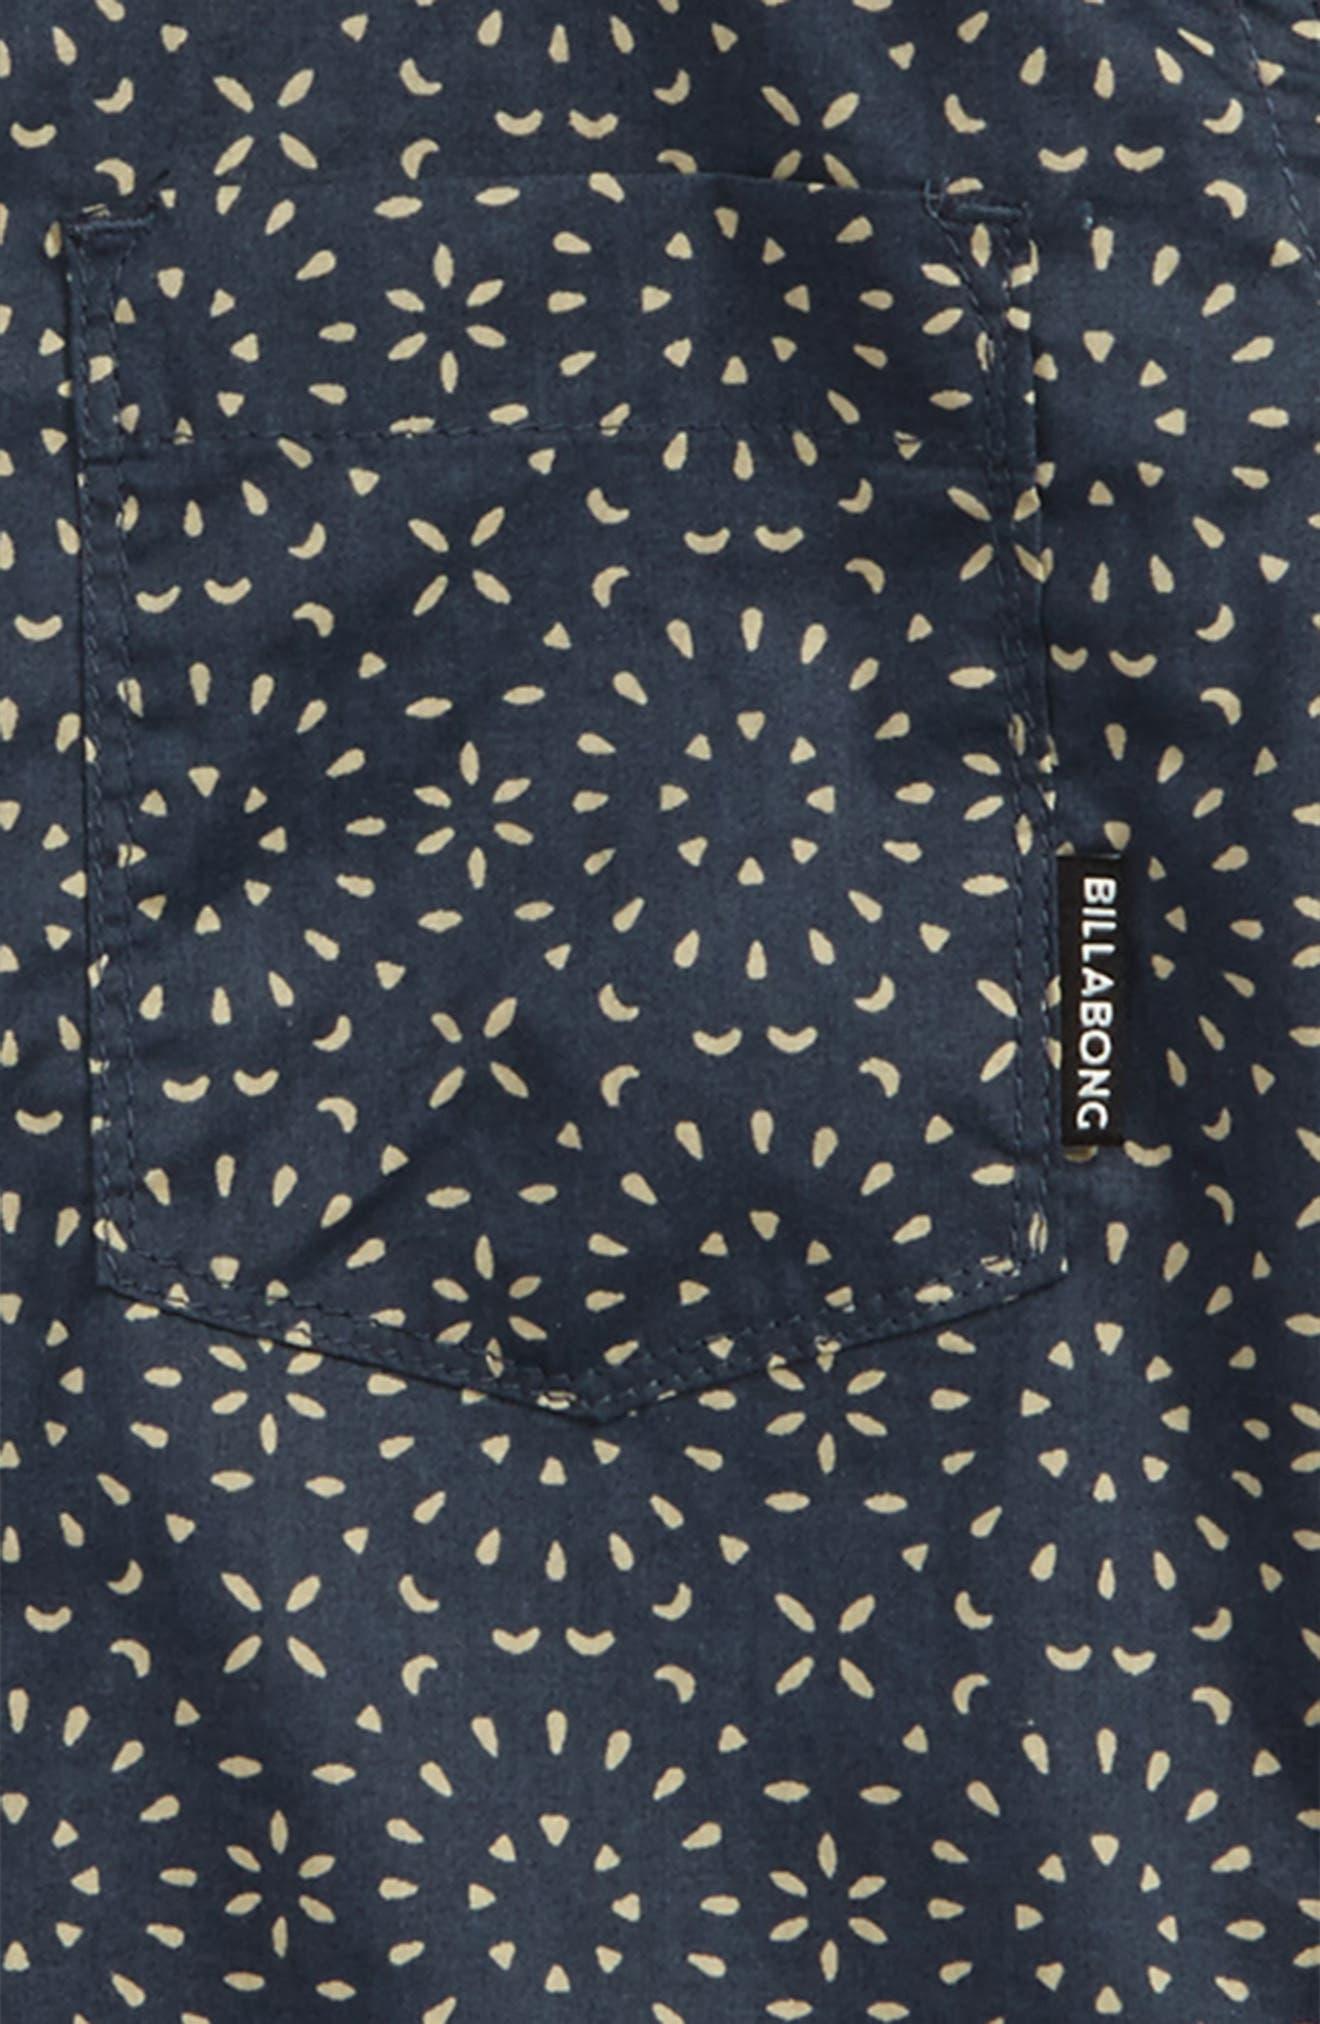 Sundays Mini Woven Shirt,                             Alternate thumbnail 2, color,                             029